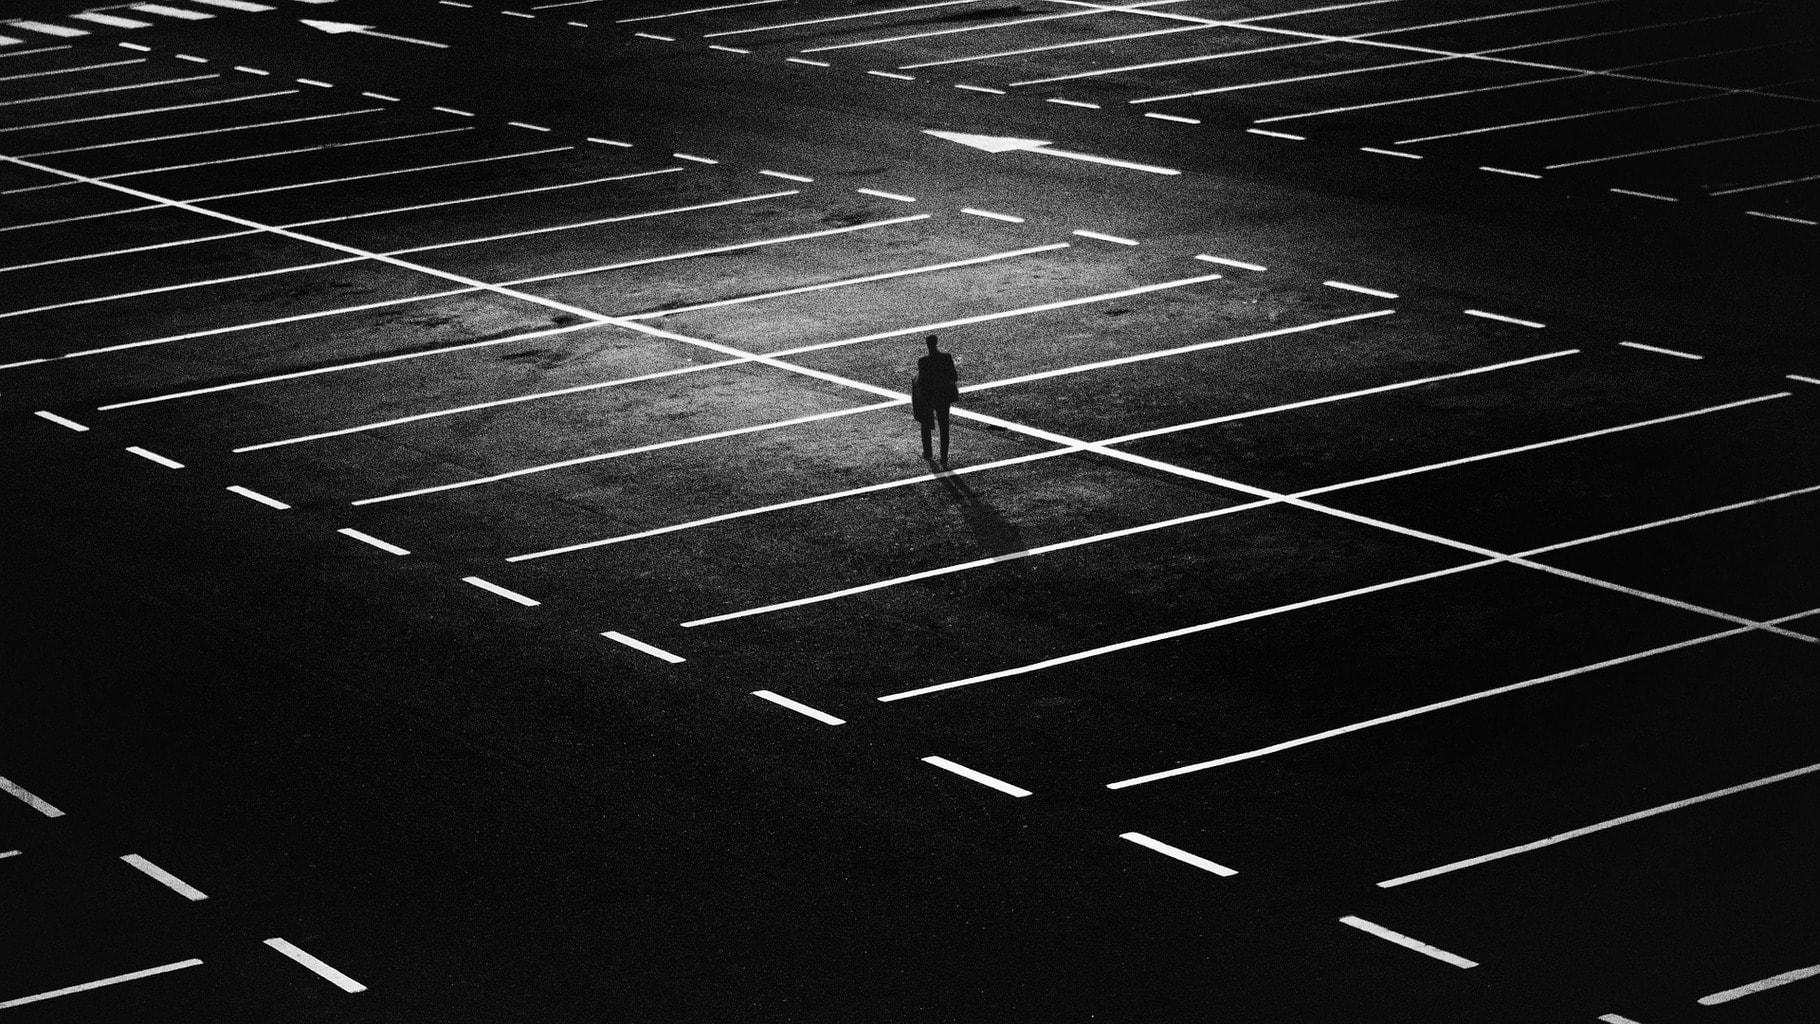 Fotografía callejera de un hombre solitario